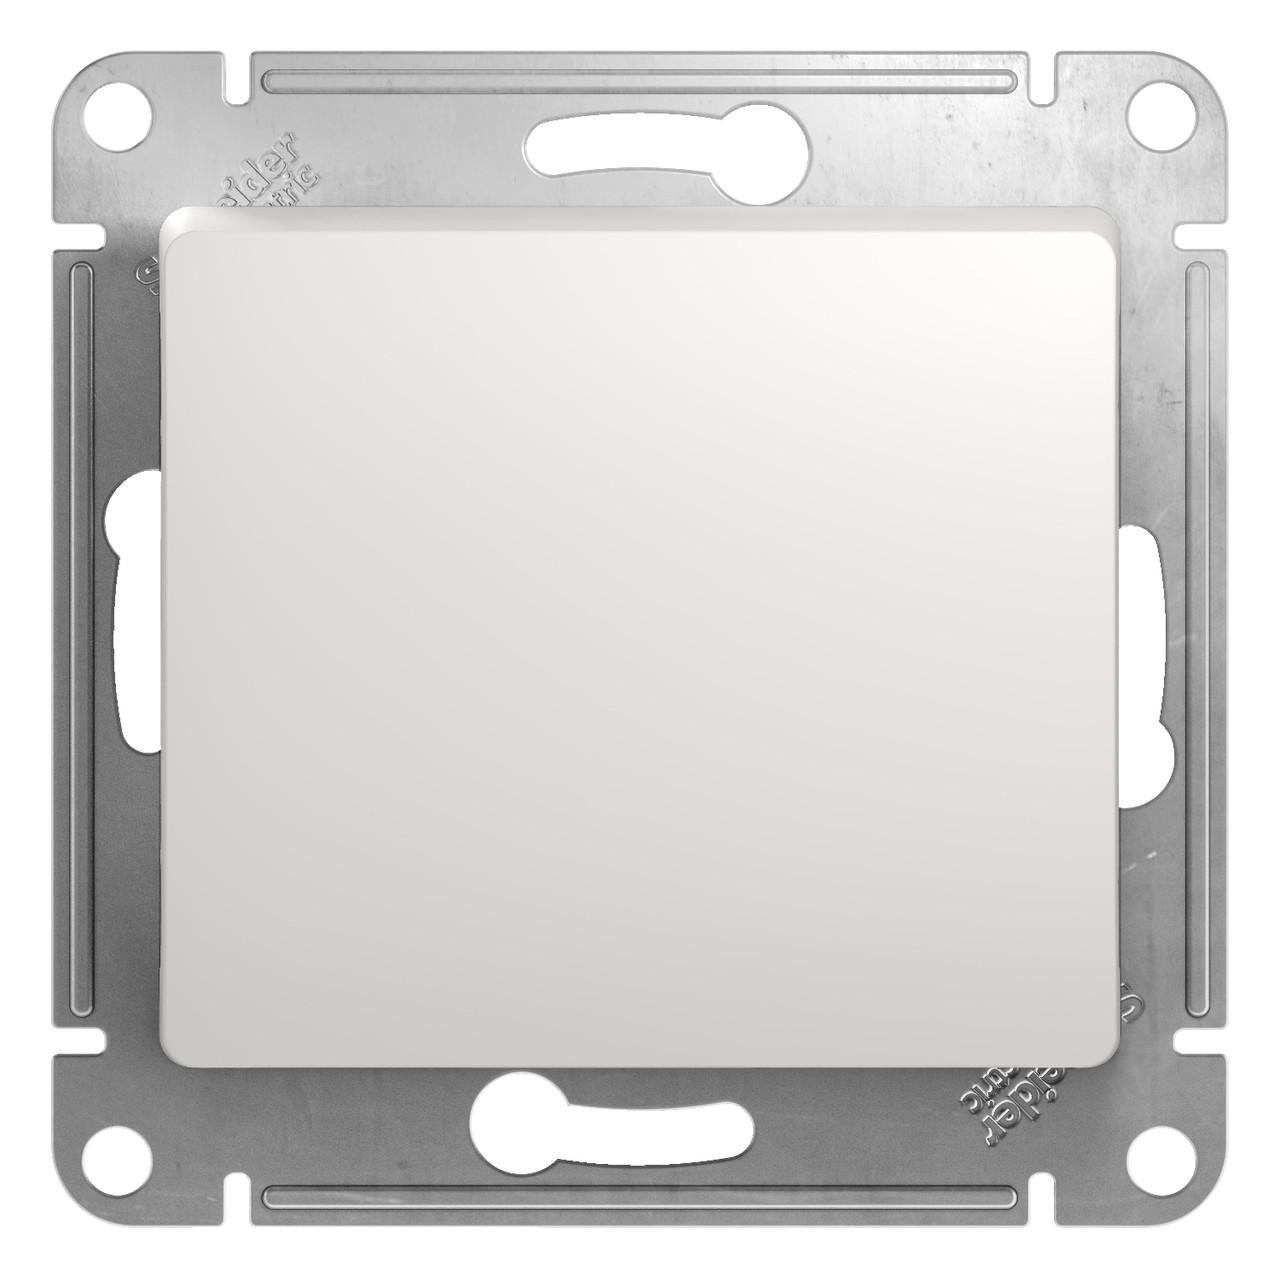 GSL000111 Glossa - 1-полюсовый выключатель - механизм - 10 AX - белый